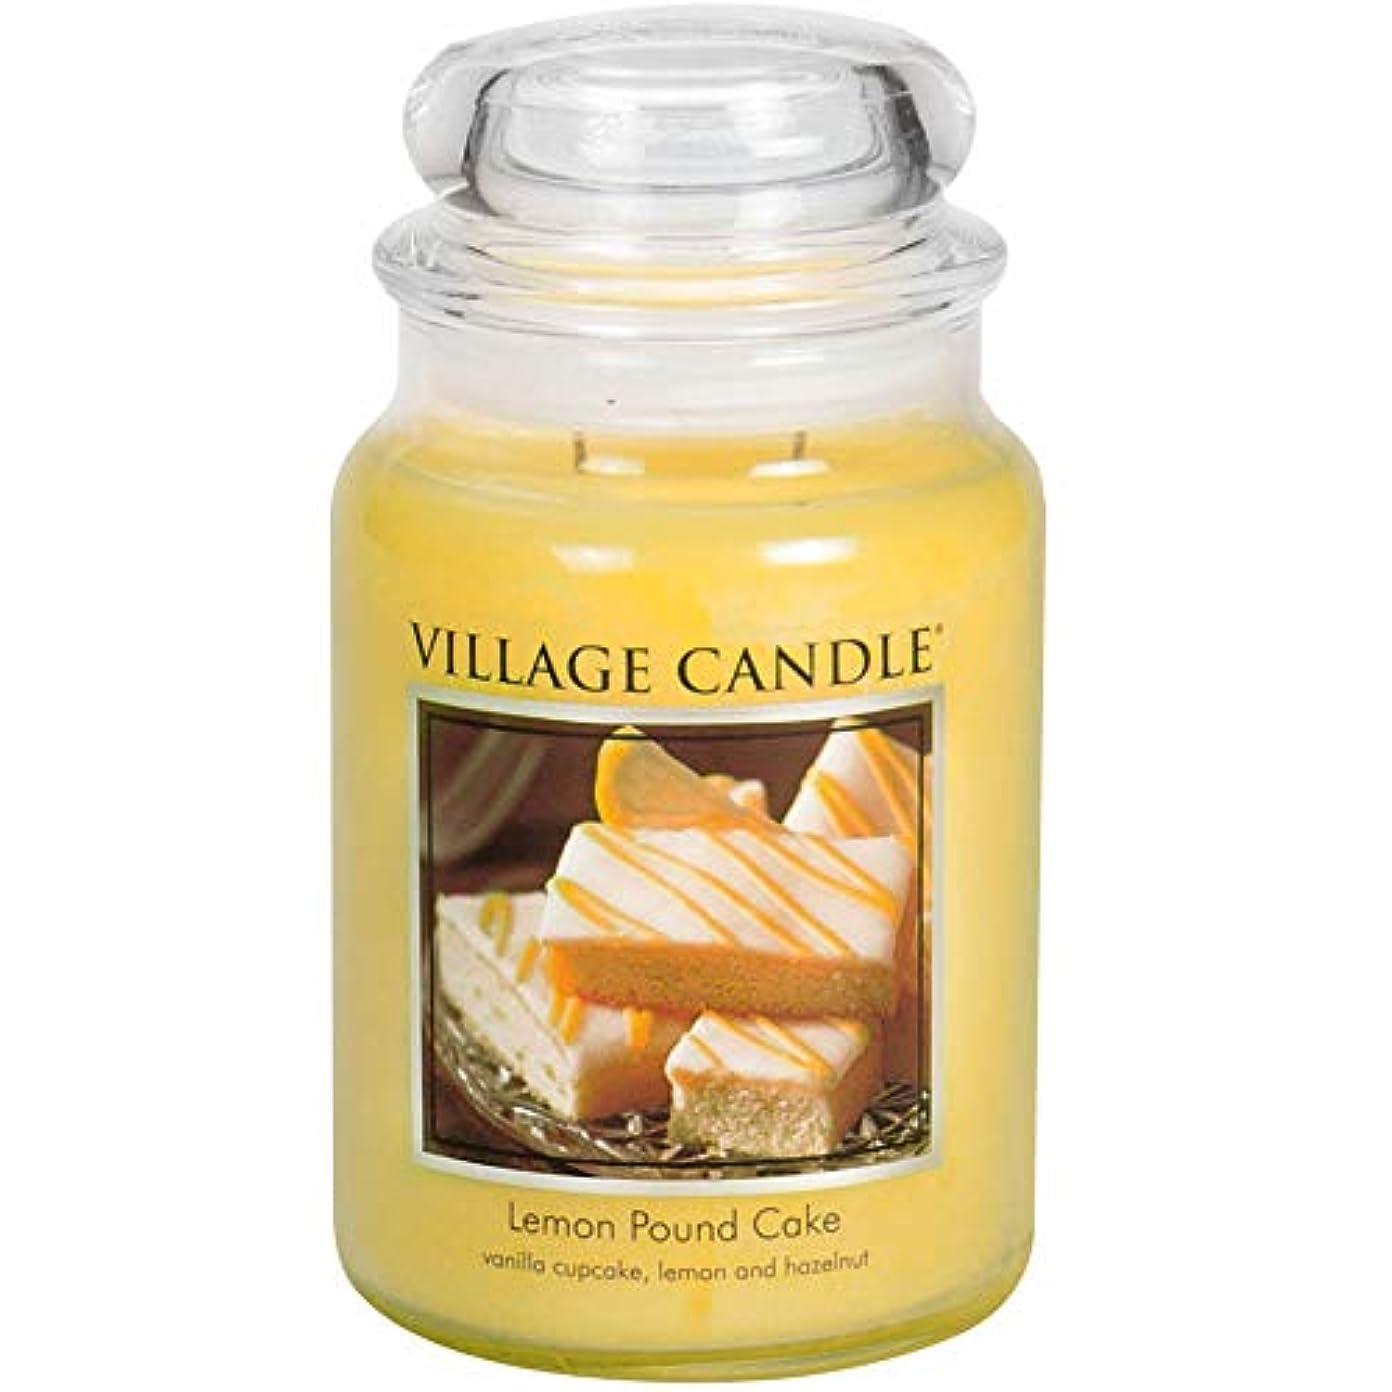 ラベンダー学習ジョリーVillage Candle Large Fragranced Candle Jar?つ - 17cm x 10cm - 26oz (1219g)- Lemon Pound Cake - upto 170 hours burn...